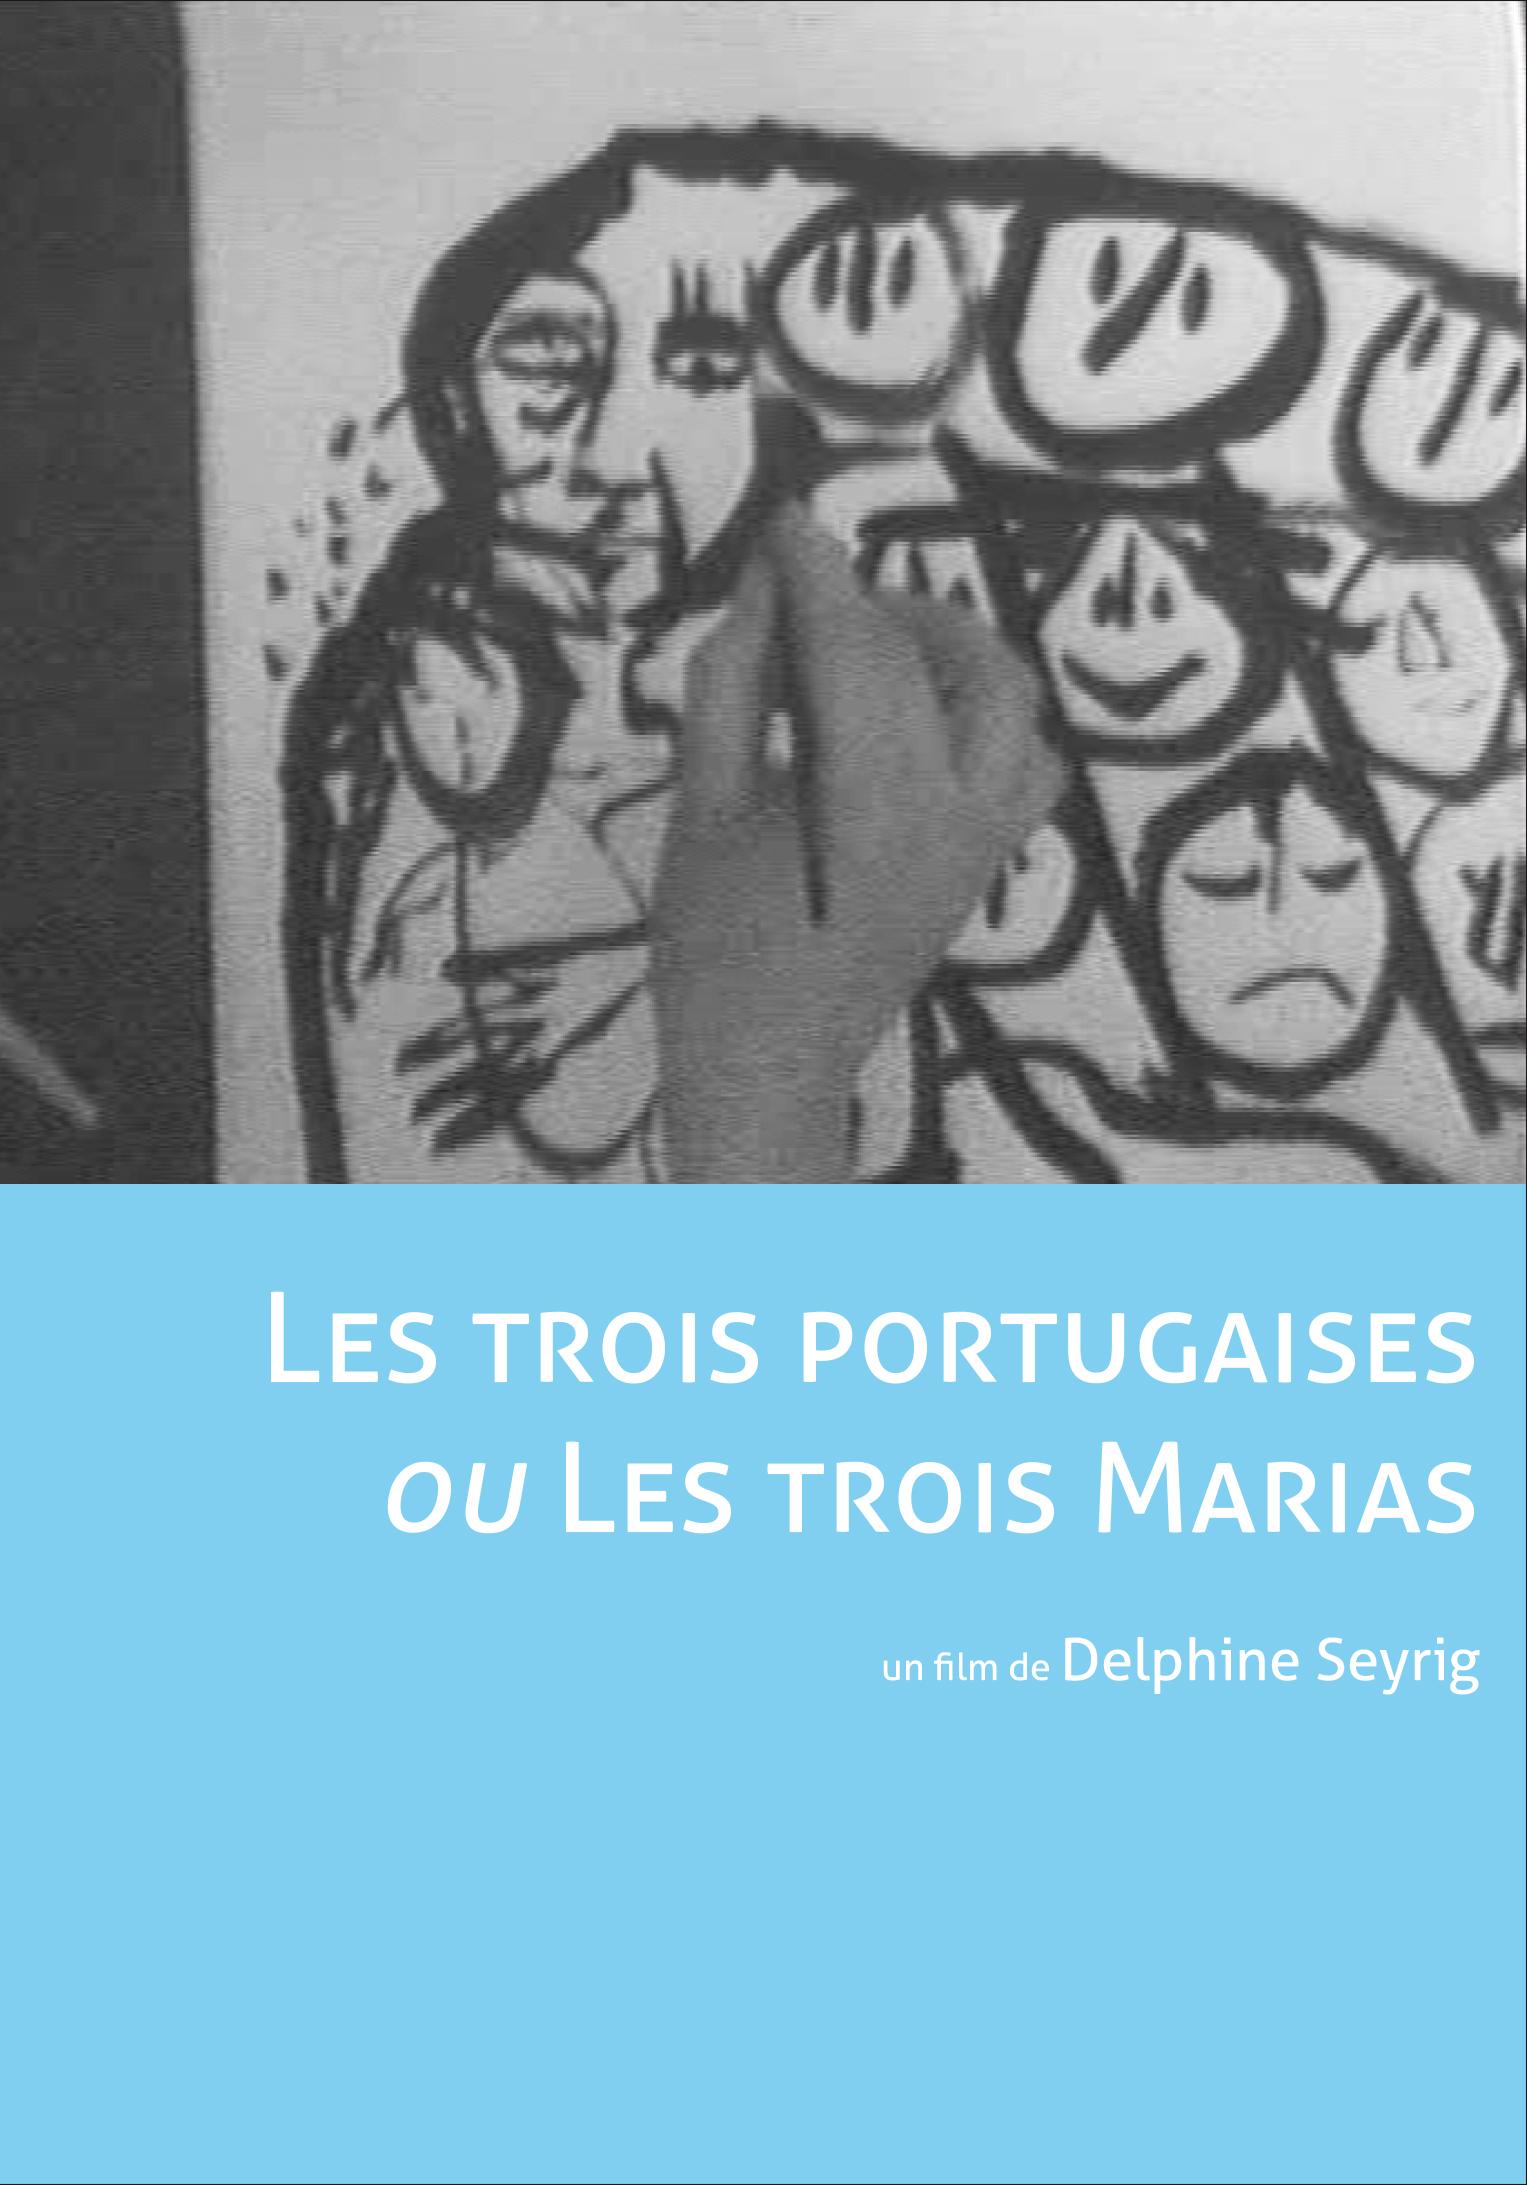 Les trois portugaises ou les trois Marias